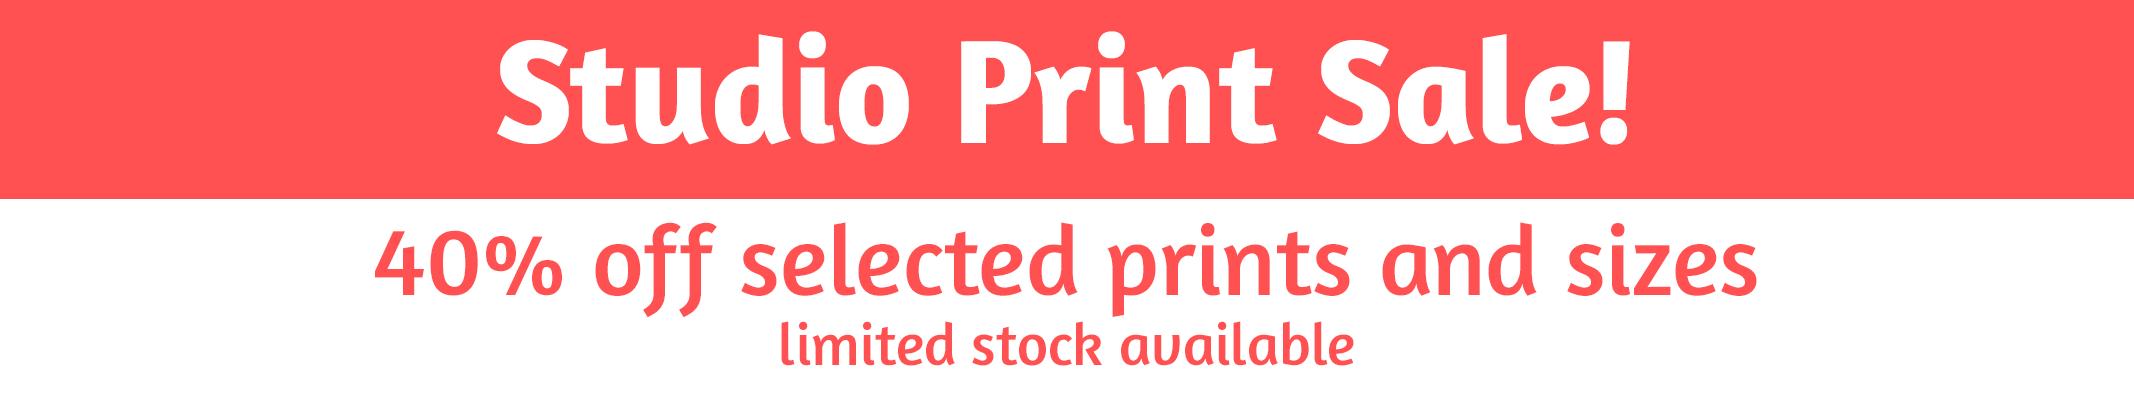 studio print sale